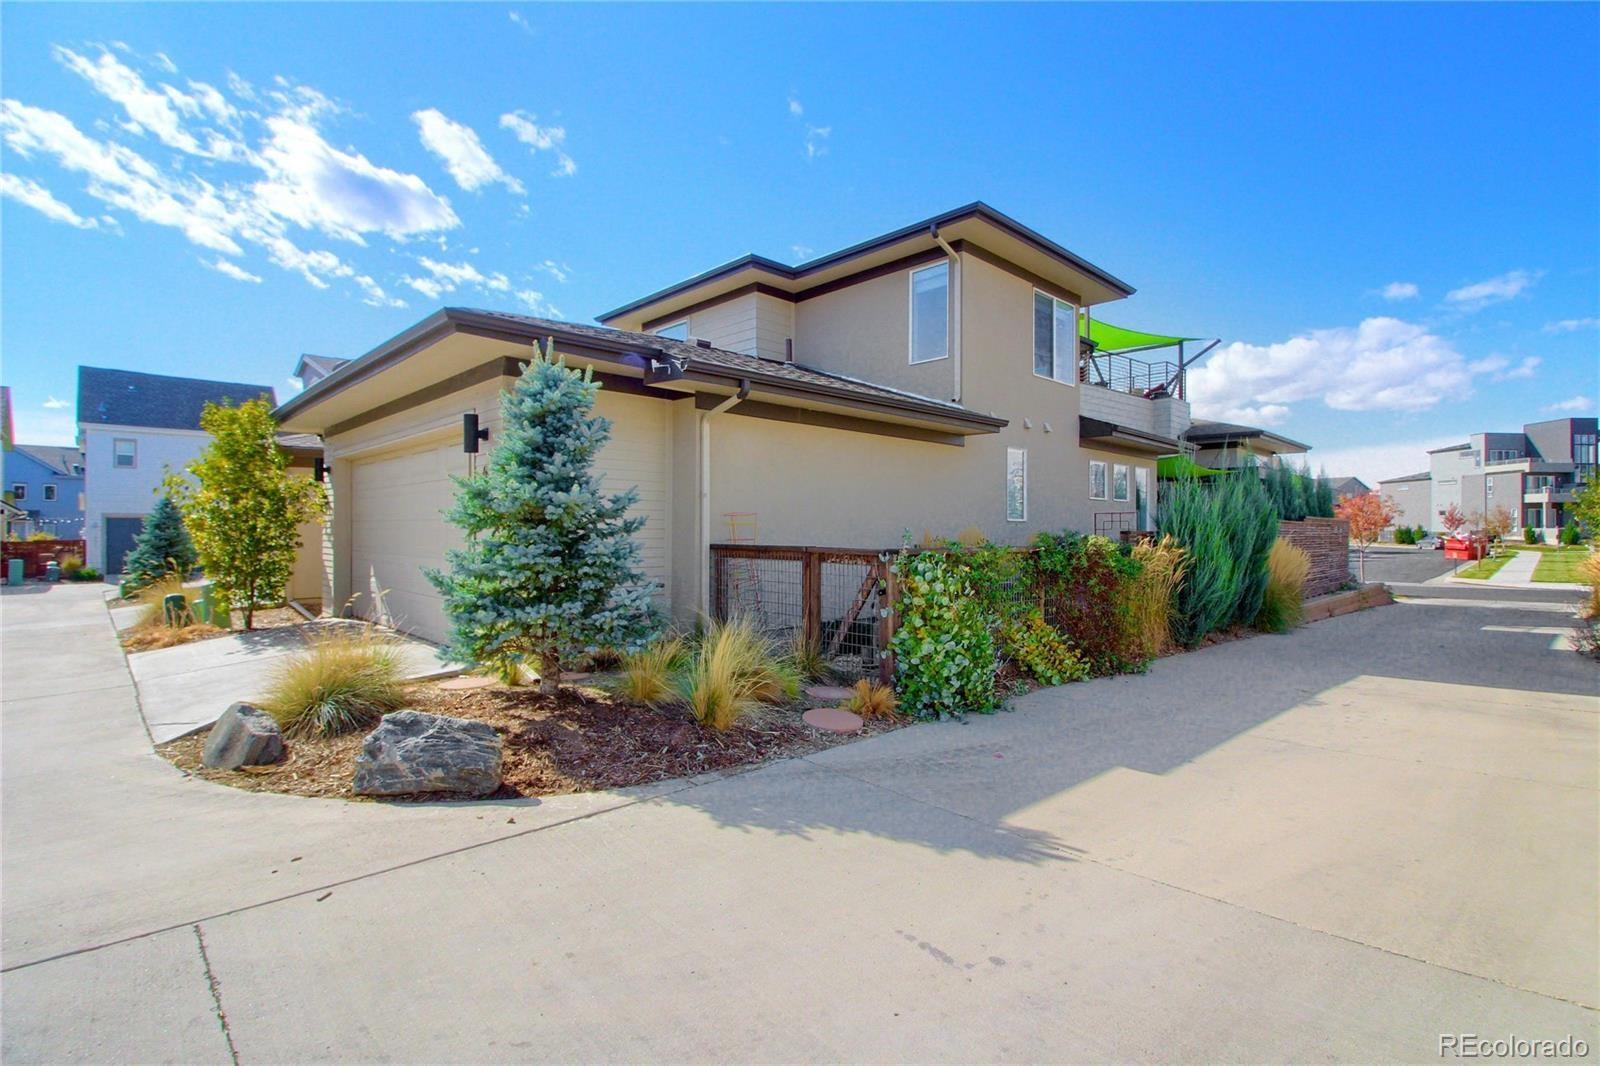 MLS# 5719967 - 35 - 6652 Larsh Drive, Denver, CO 80221